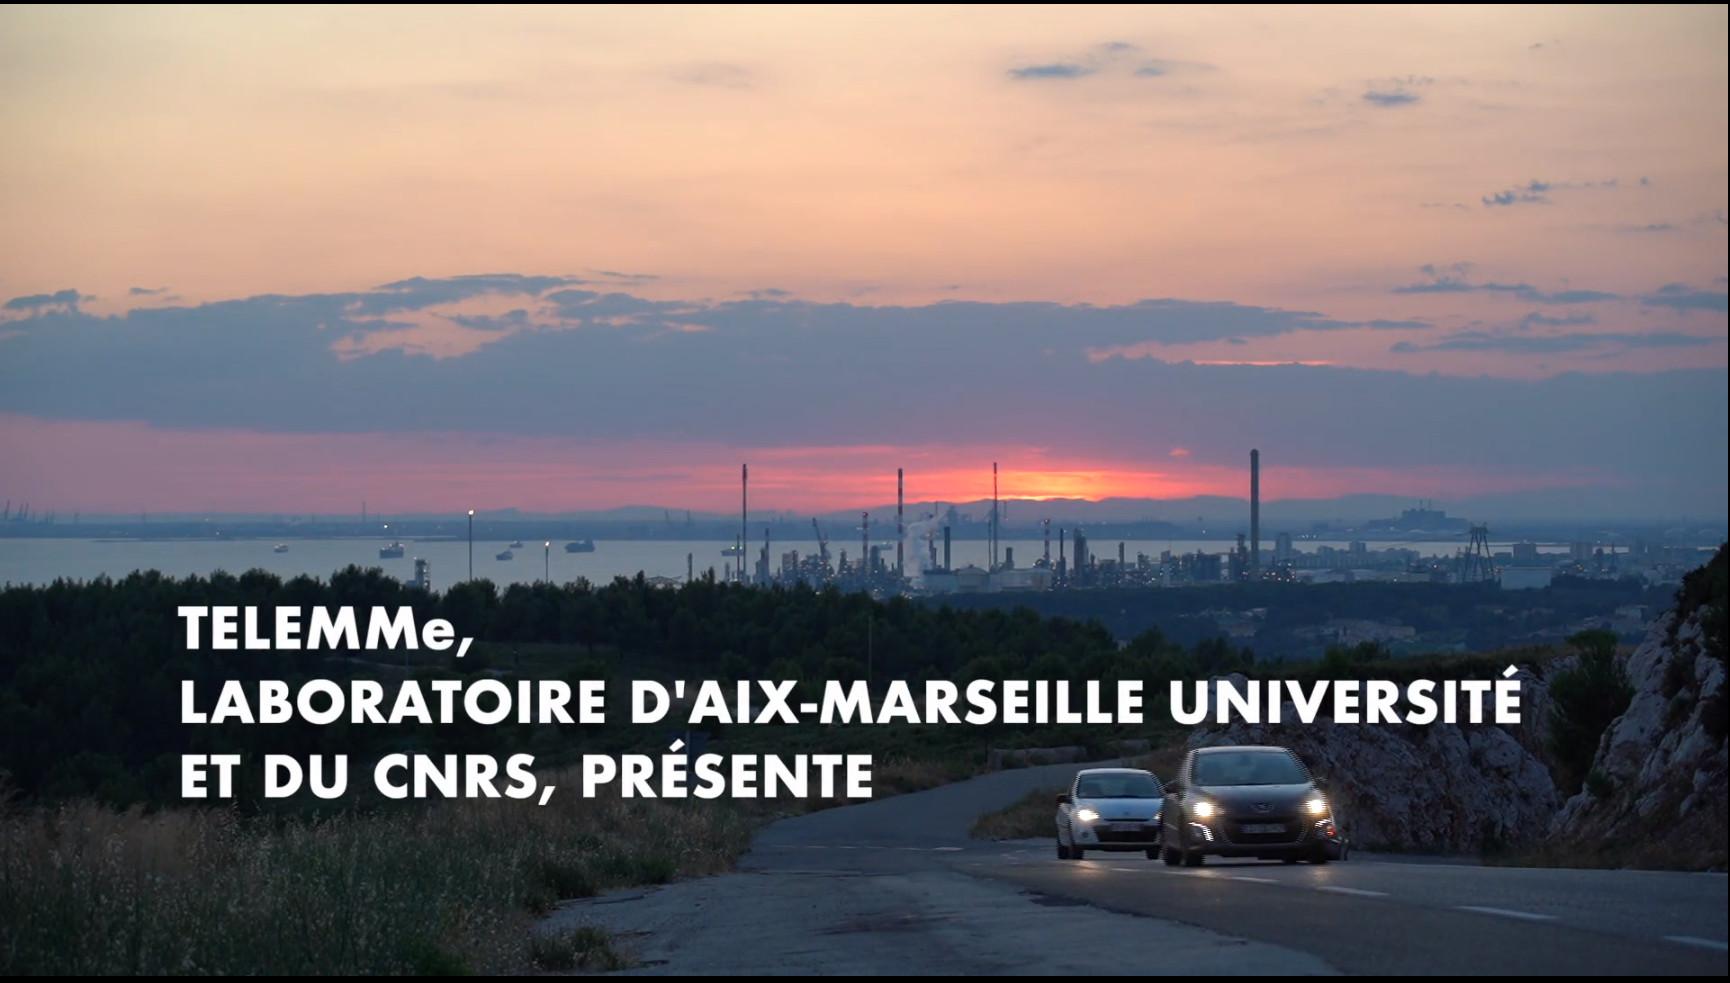 Capture d'écran de la vidéo d'introduction au webdoc Fos / étang de Berre